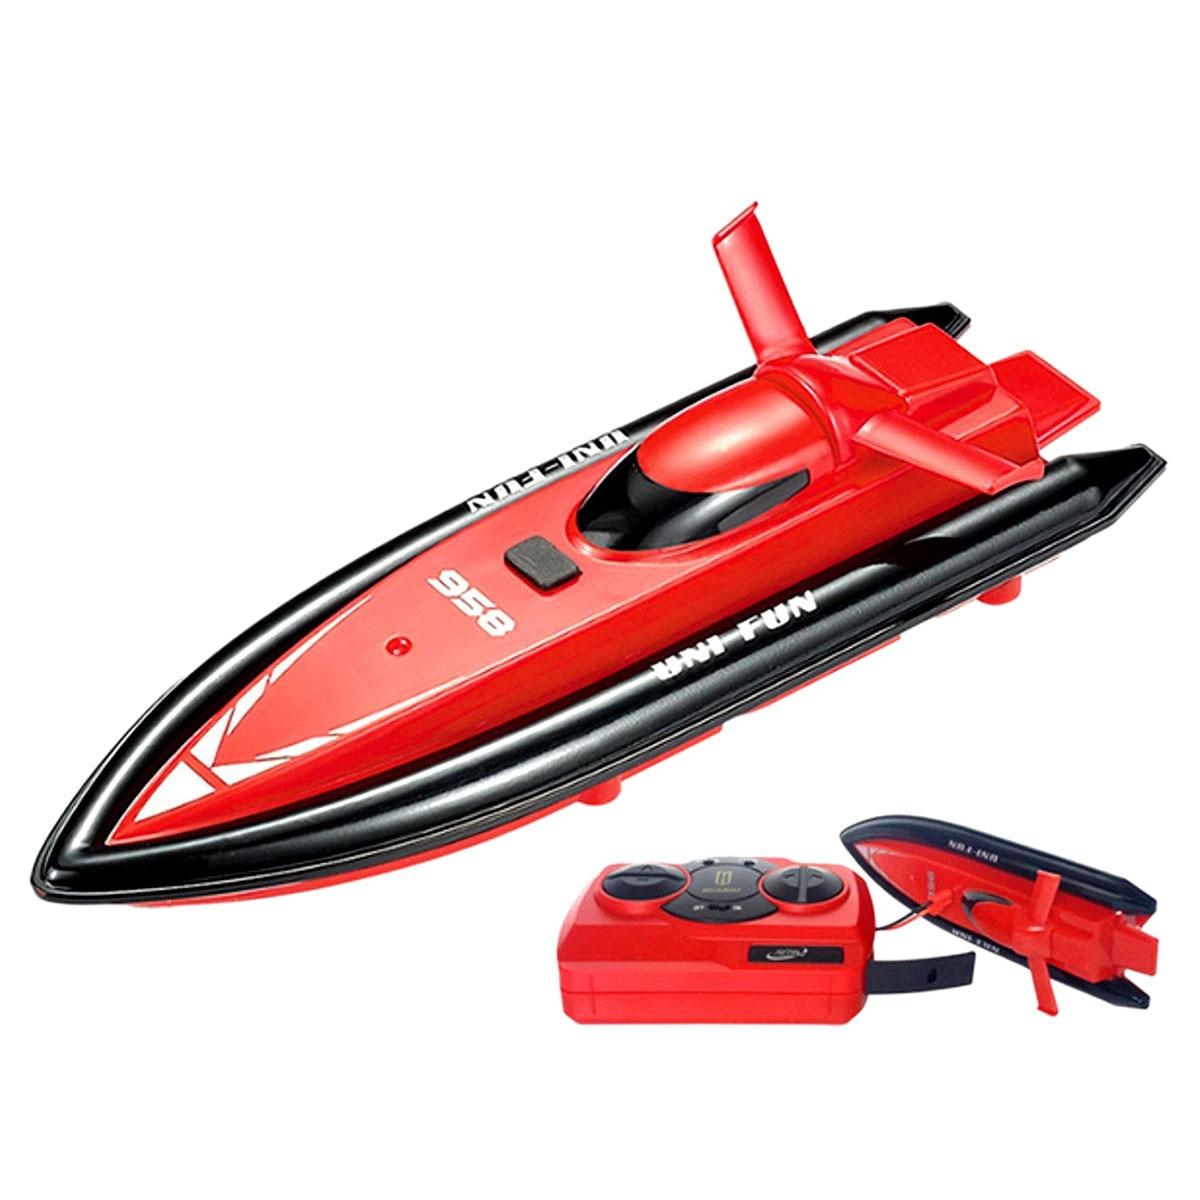 Ferngesteuertes U-boot WunderschöNen Fernbedienung Boot Schnellboot 2,4 Ghz Mini Fernbedienung Ruderboot Motor Boot Spielzeug Kinder Elektrische Spielzeug Boot Modell Fernbedienung Co Feines Handwerk